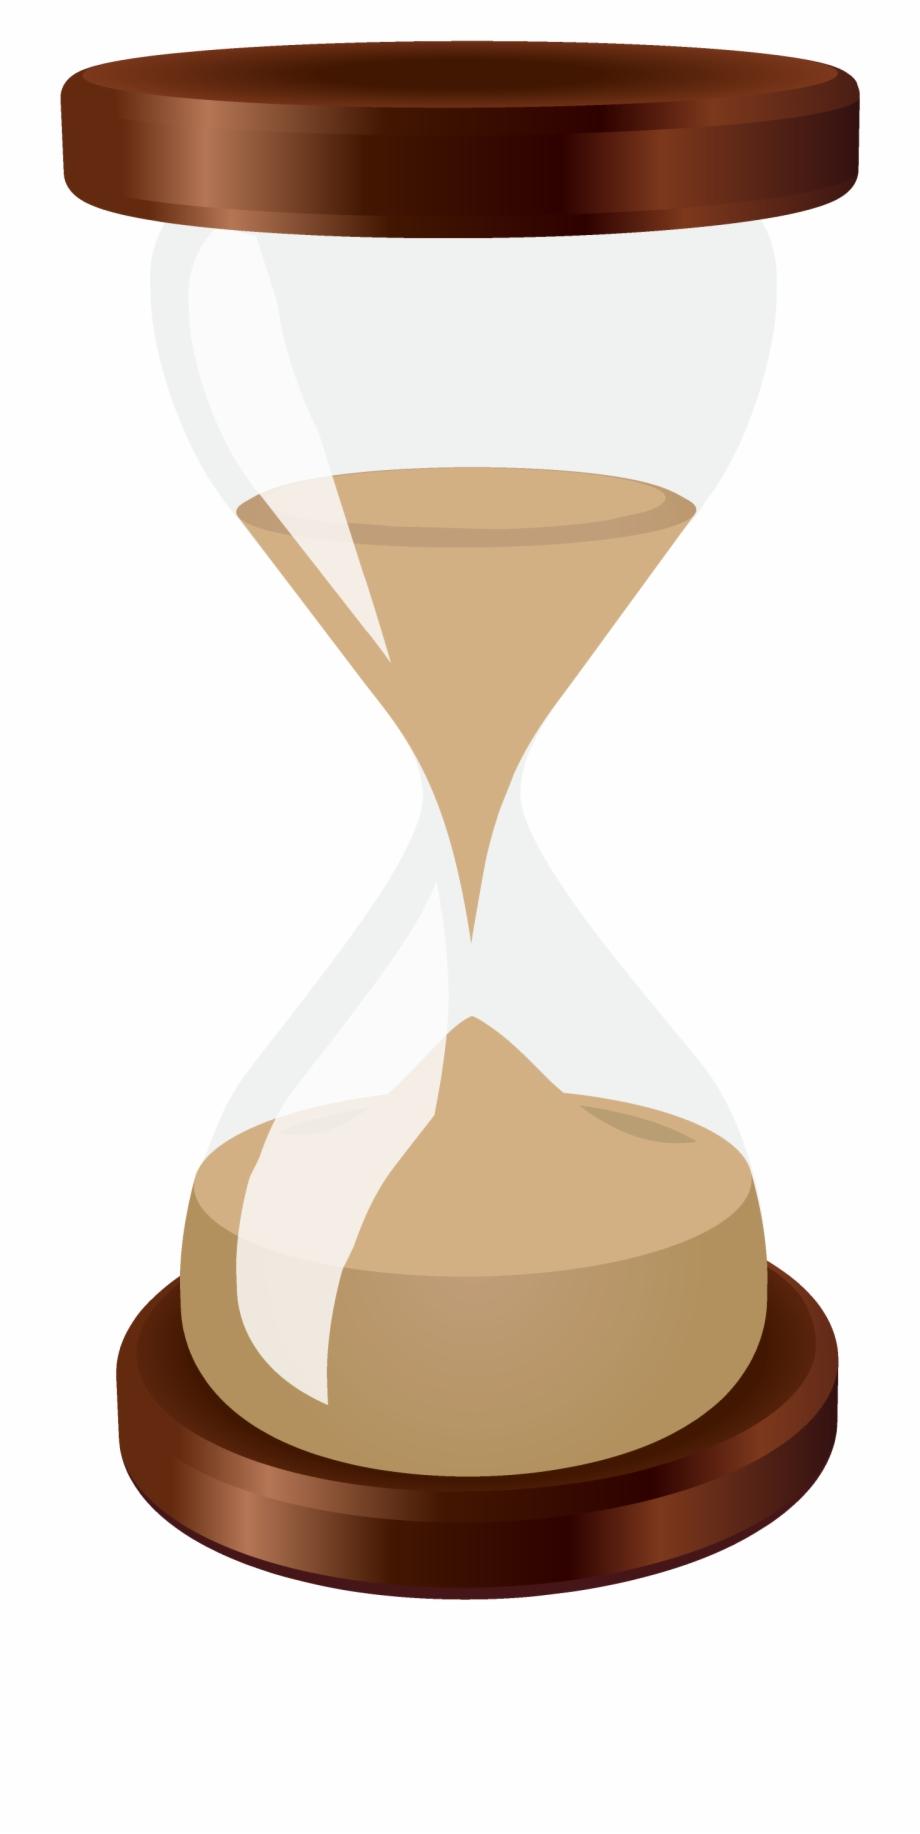 Hourglass Clock Sand Euclidean Vector.